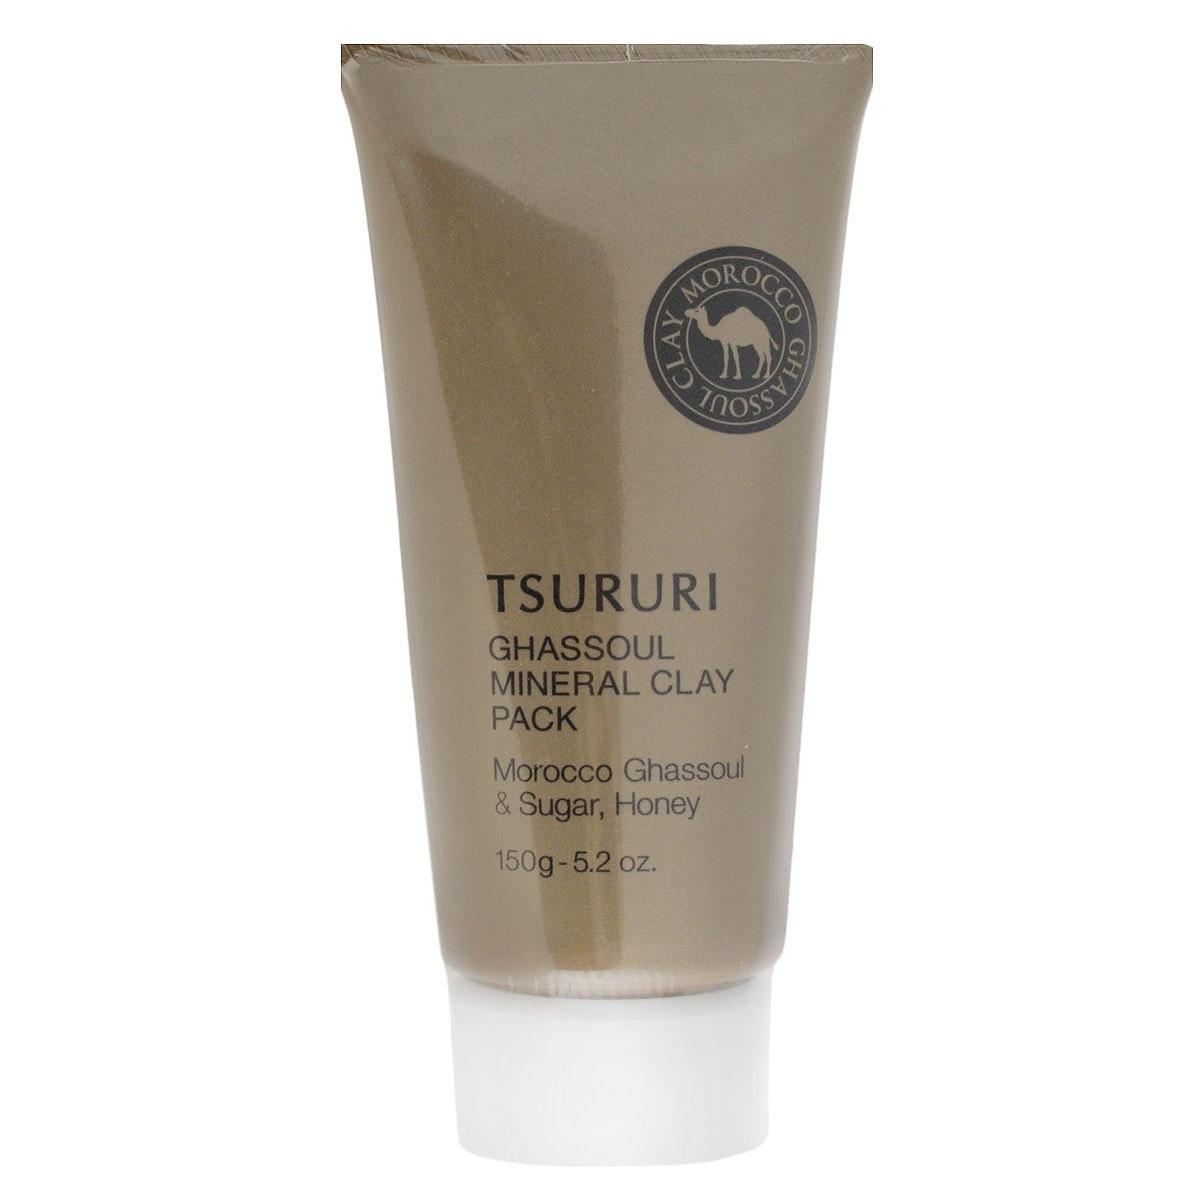 BCL Крем-маска для лица Tsururi, с глиной, 150 г046592Маска для лица с каолином и марокканской глиной Гассуль прекрасно очищает поры кожи от загрязнений, излишков кожного сала и ороговевших клеток эпидермиса. Тусклая кожа заметно светлеет, становится гладкой, без загрязненных расширенных пор и черных точек.Комбинация из натуральных минеральных компонентов – каолина, марокканской глины Гассуль, масла арганы и растительных экстрактов нежно и бережно ухаживает за кожей. Исключительные абсорбирующие свойства глины Гассуль помогают крем-маске глубоко проникнуть в поры кожи и удалить самые глубокие загрязнения. Маска мягко очищает кожу, минерализуя и восстанавливая ее структуру. Мед и маточное молочко ухаживают за кожей, делая ее мягкой и шелковистой. После снятия маски рекомендуется сделать легкий массаж кожи лица с помощью любого питательного крема. Не содержит искусственных красителей. Имеет естественный оттенок глины.Товар сертифицирован.